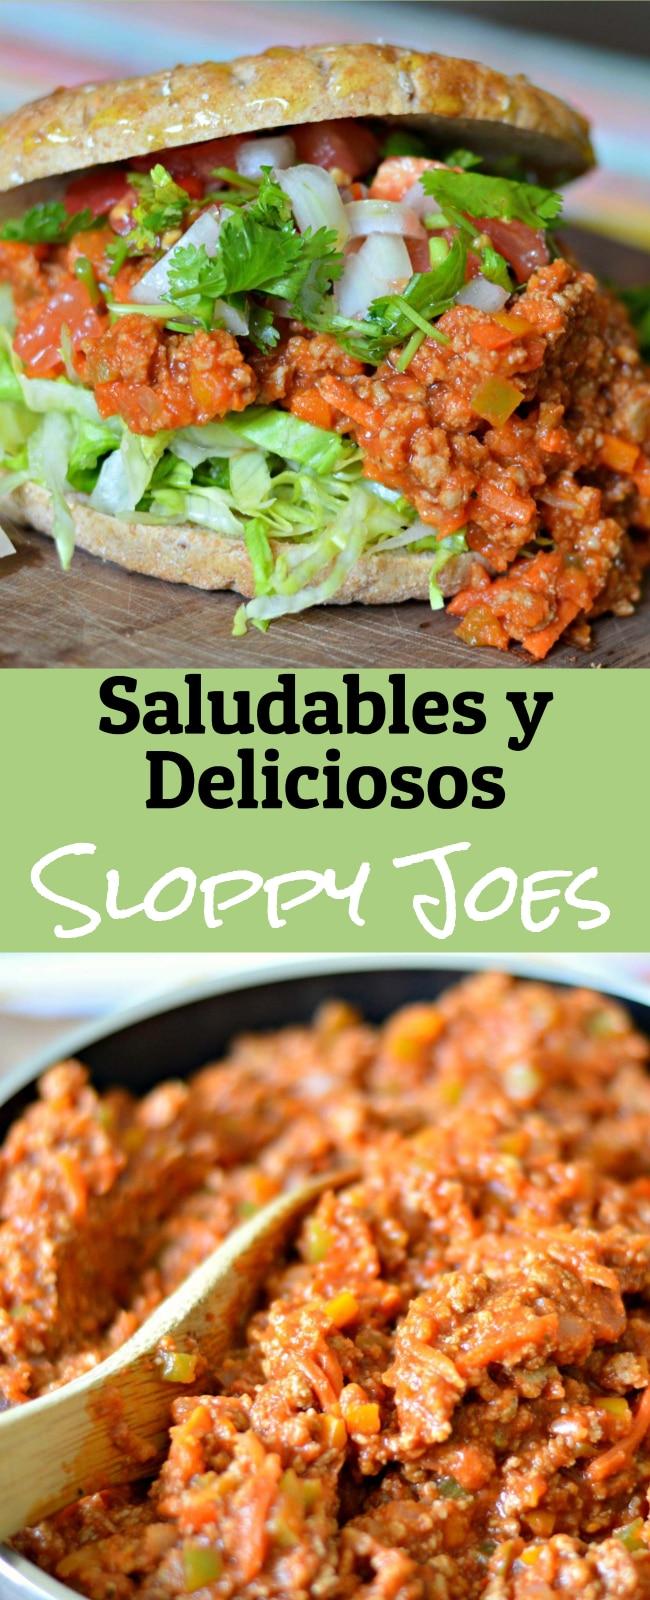 Esta receta de Sloppy Joe ademas de ser deliciosa es completamente saludable y a los niños les encanta! Ademas haz tus propias variaciones, a mi encanta ponerle el toque mexicano con pico de gallo encima, pruebalo!